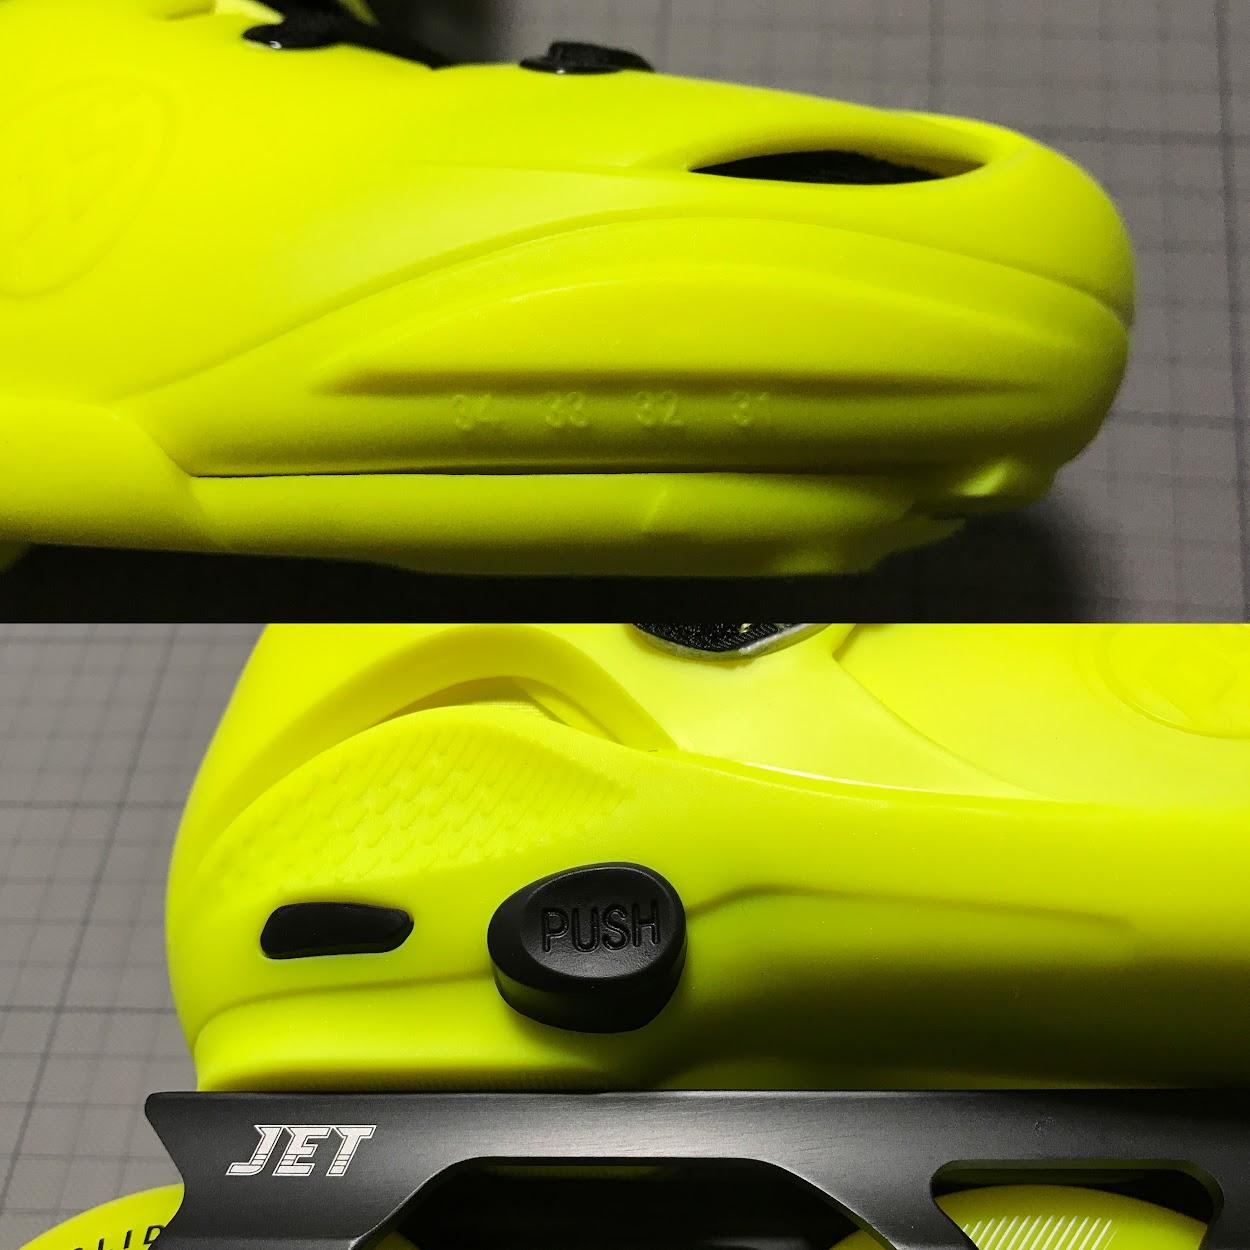 上:ブーツ前部のサイズ合わせ位置 下:ブーツ後部のサイズ調整用ボタン